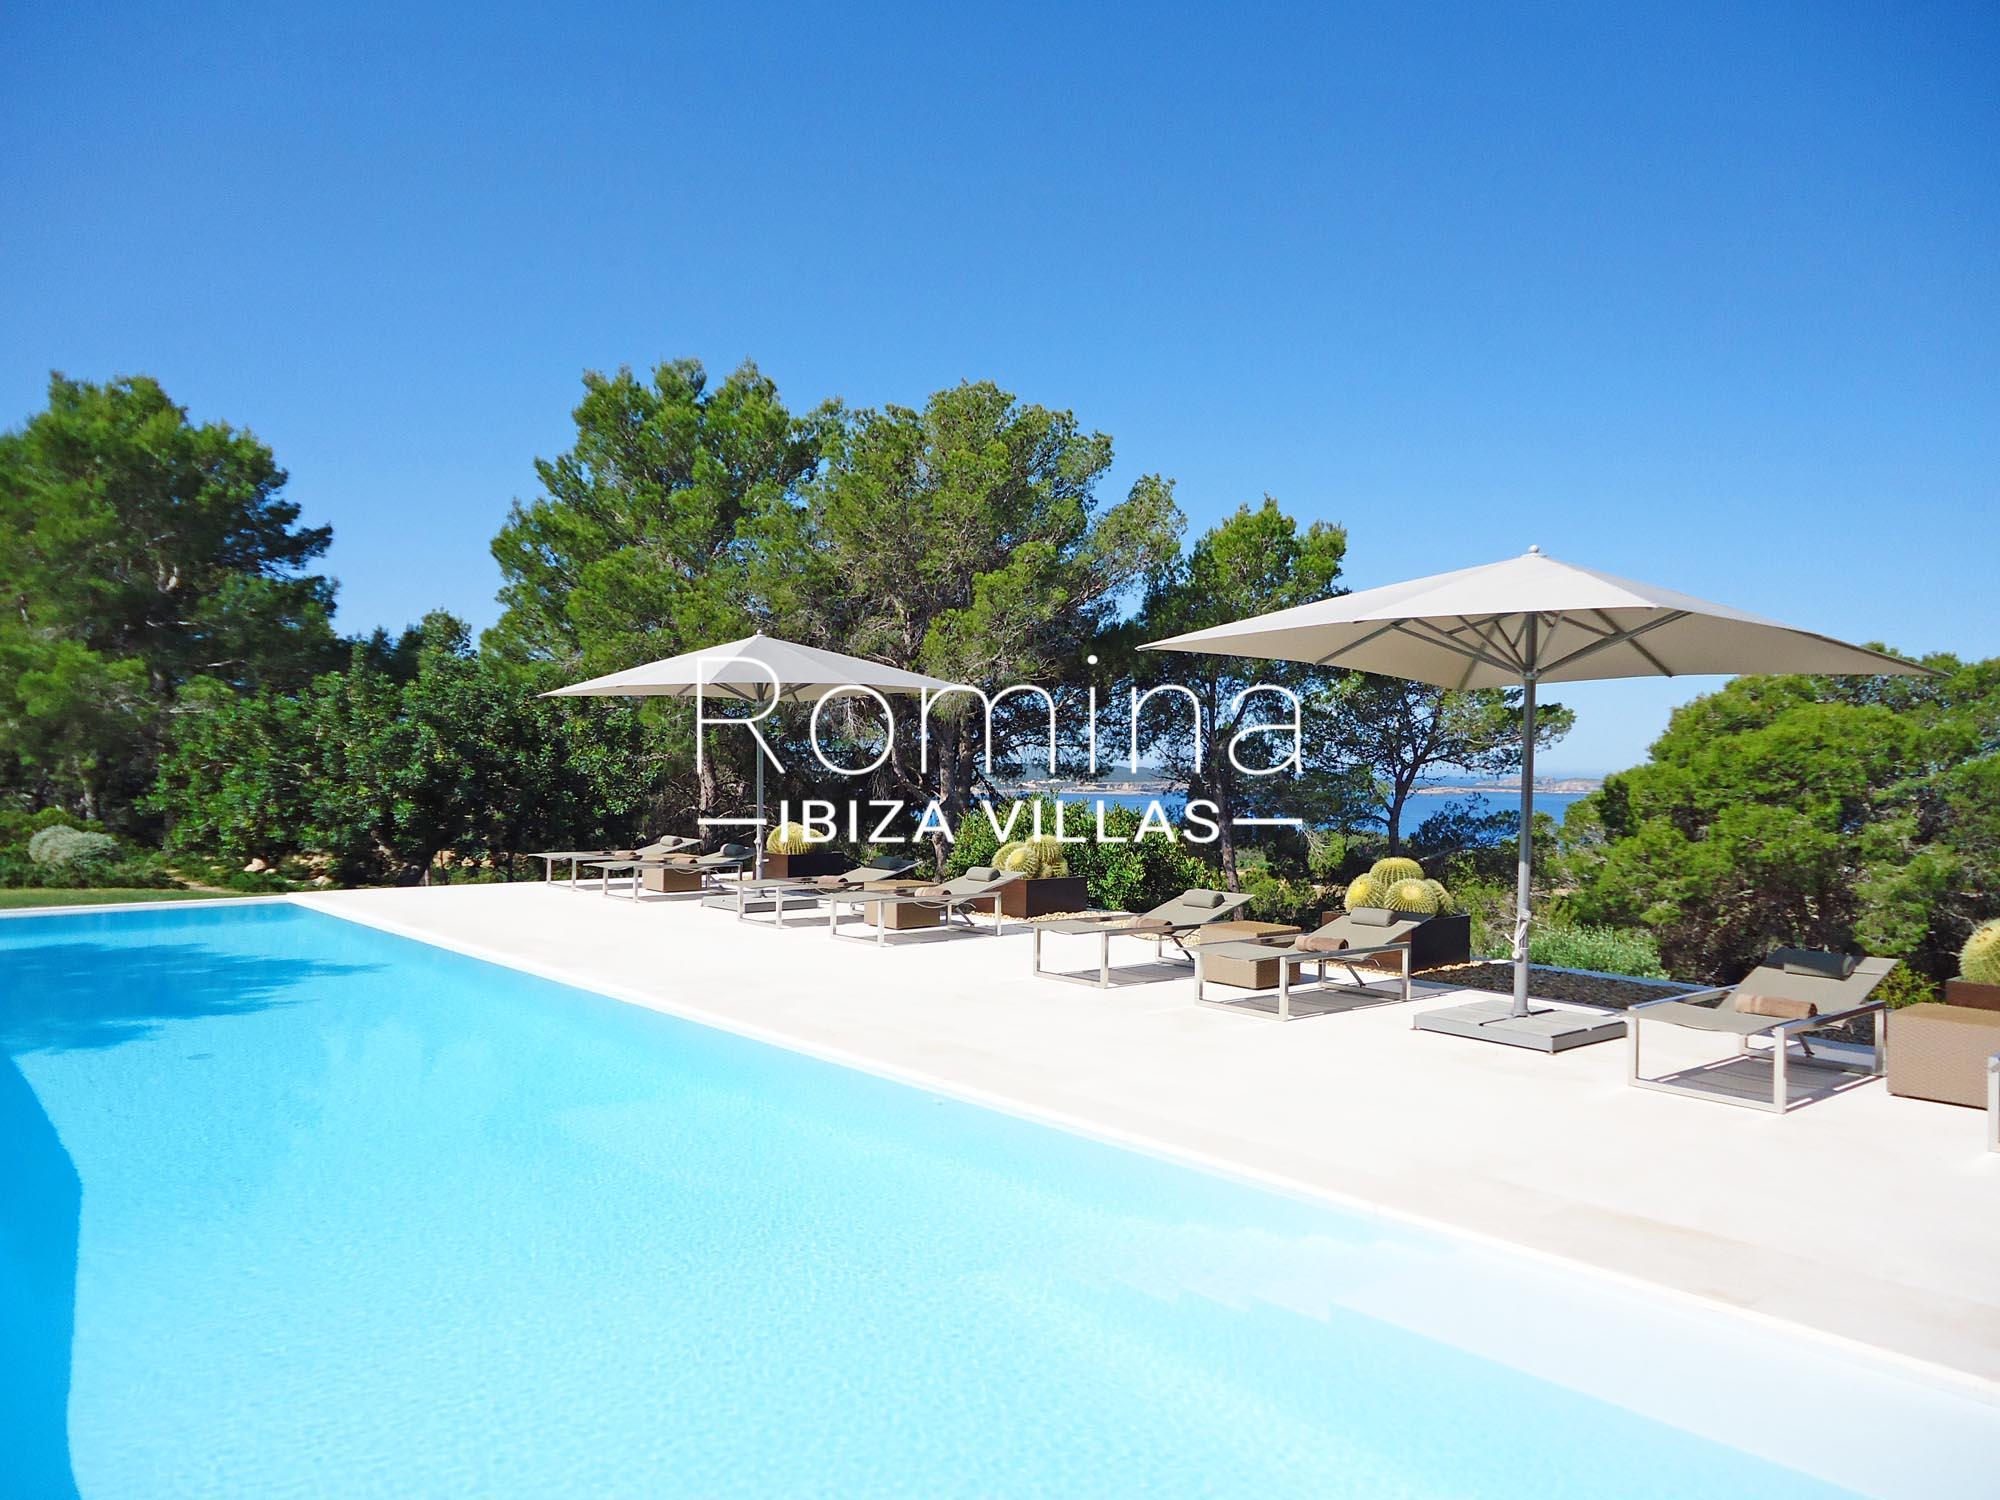 Maison Villa avec 6 chambres en Ibiza a louer